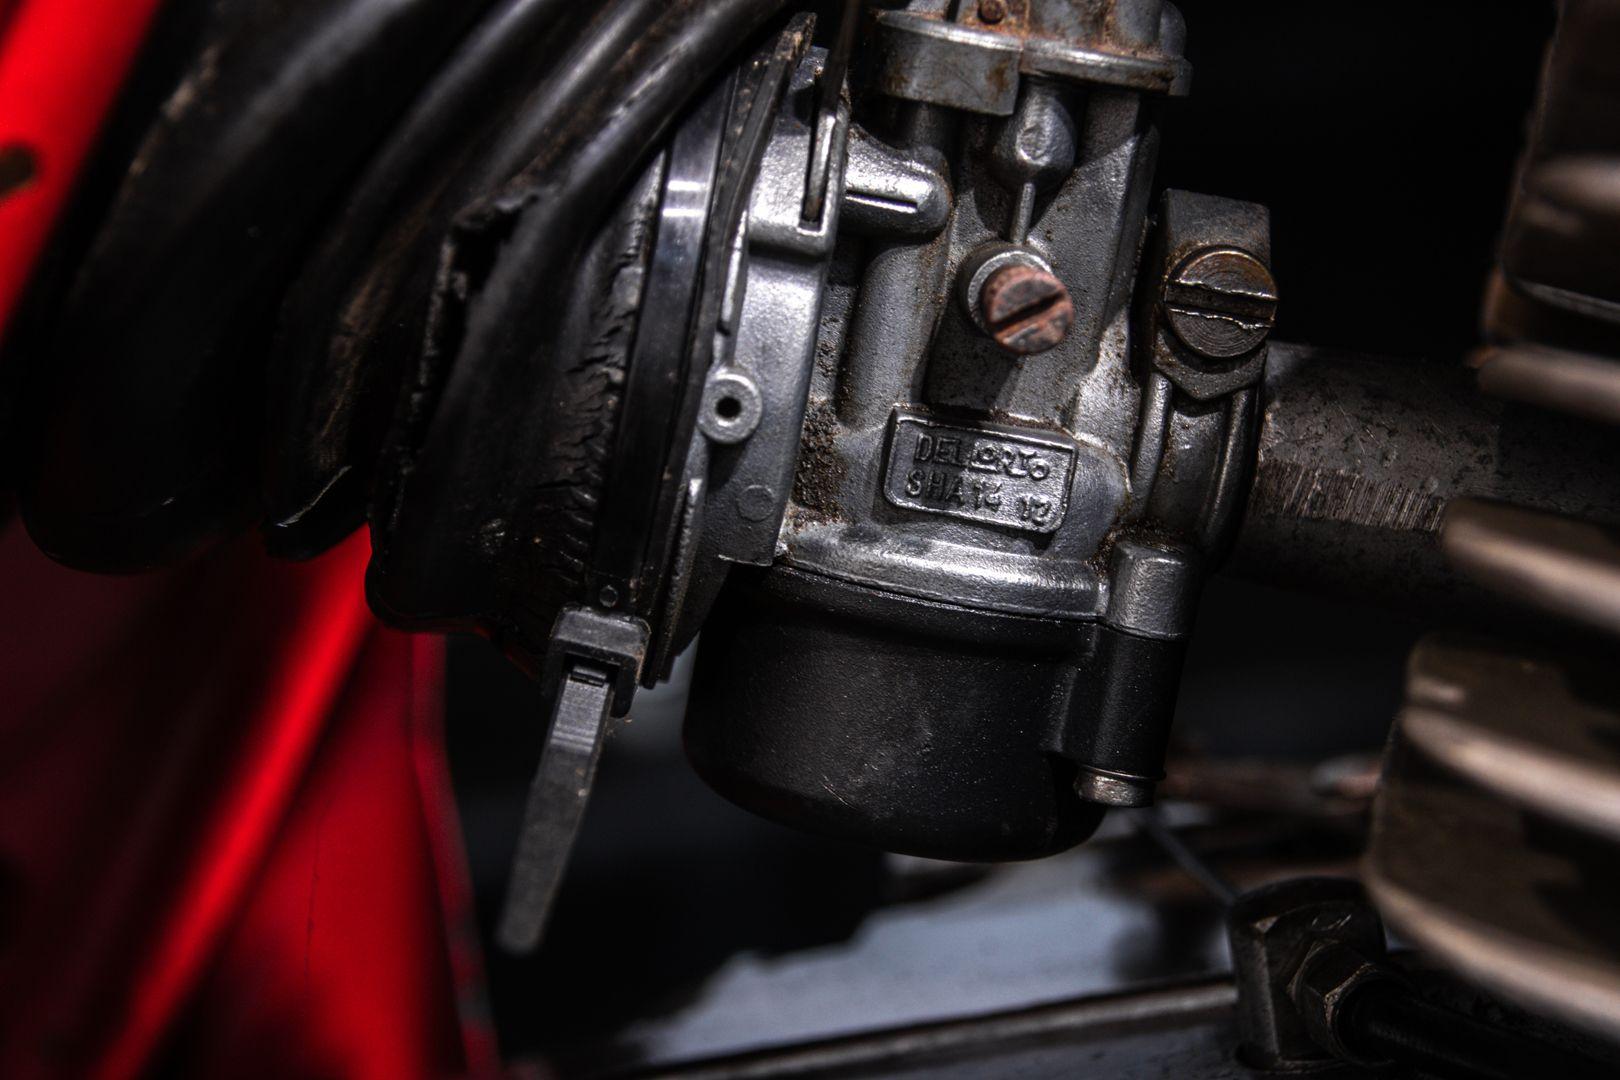 1980 Fantic Motor Caballero 50 Super 6M TX 190 65400